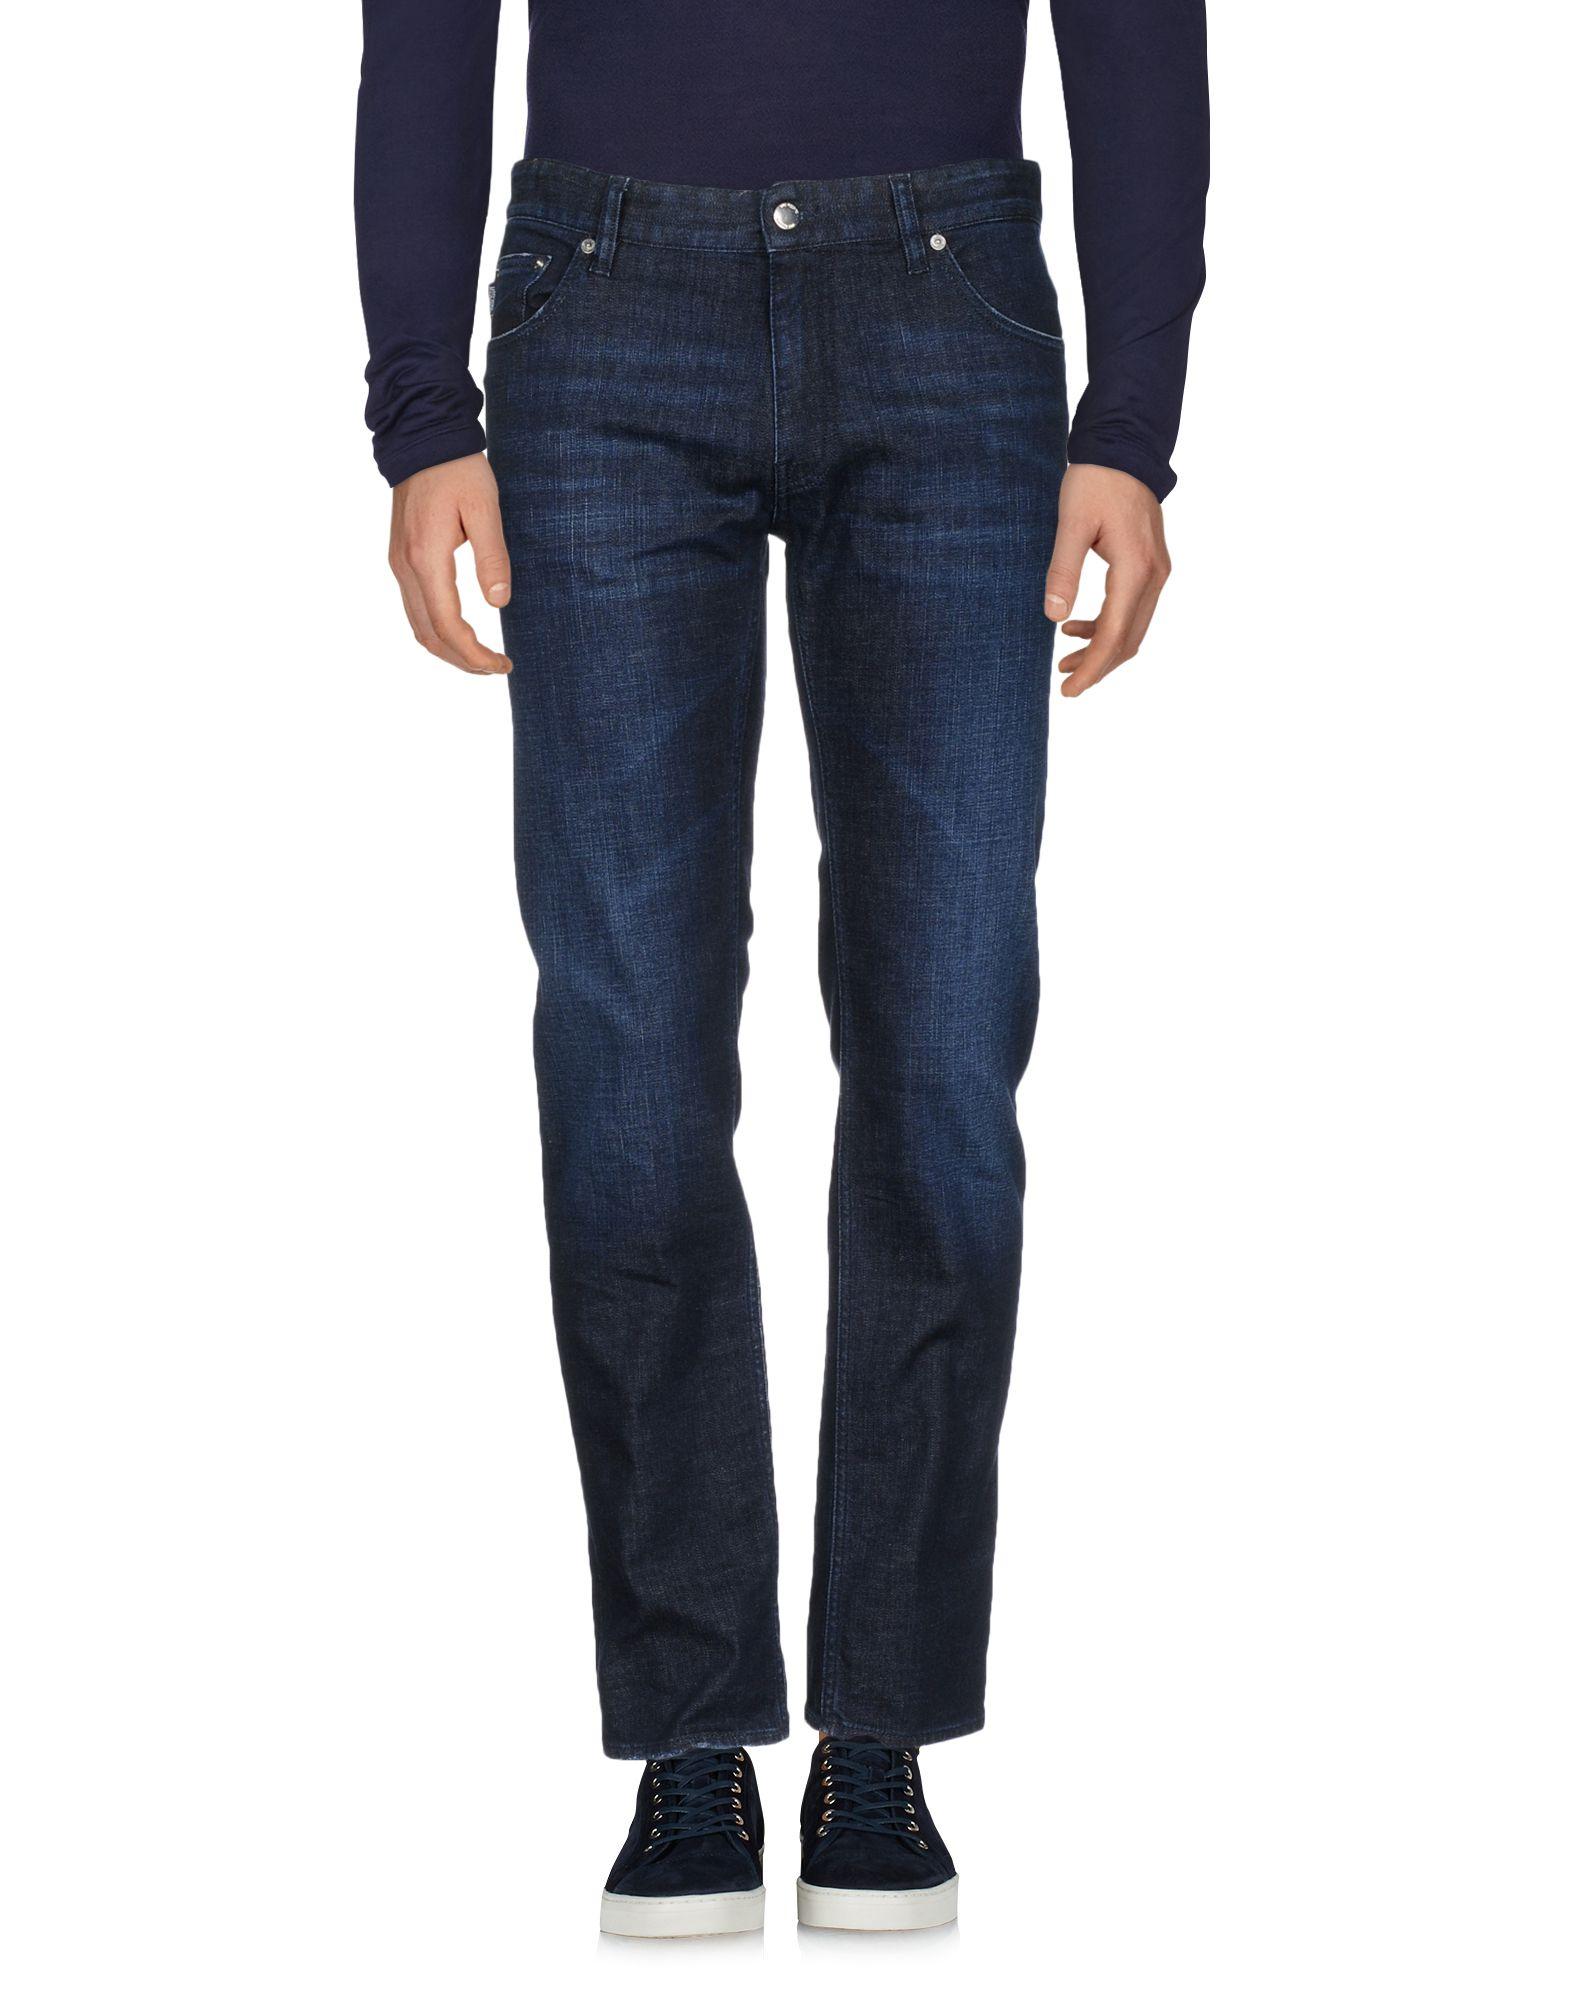 Pantaloni Jeans Love Moschino Uomo - Acquista online su